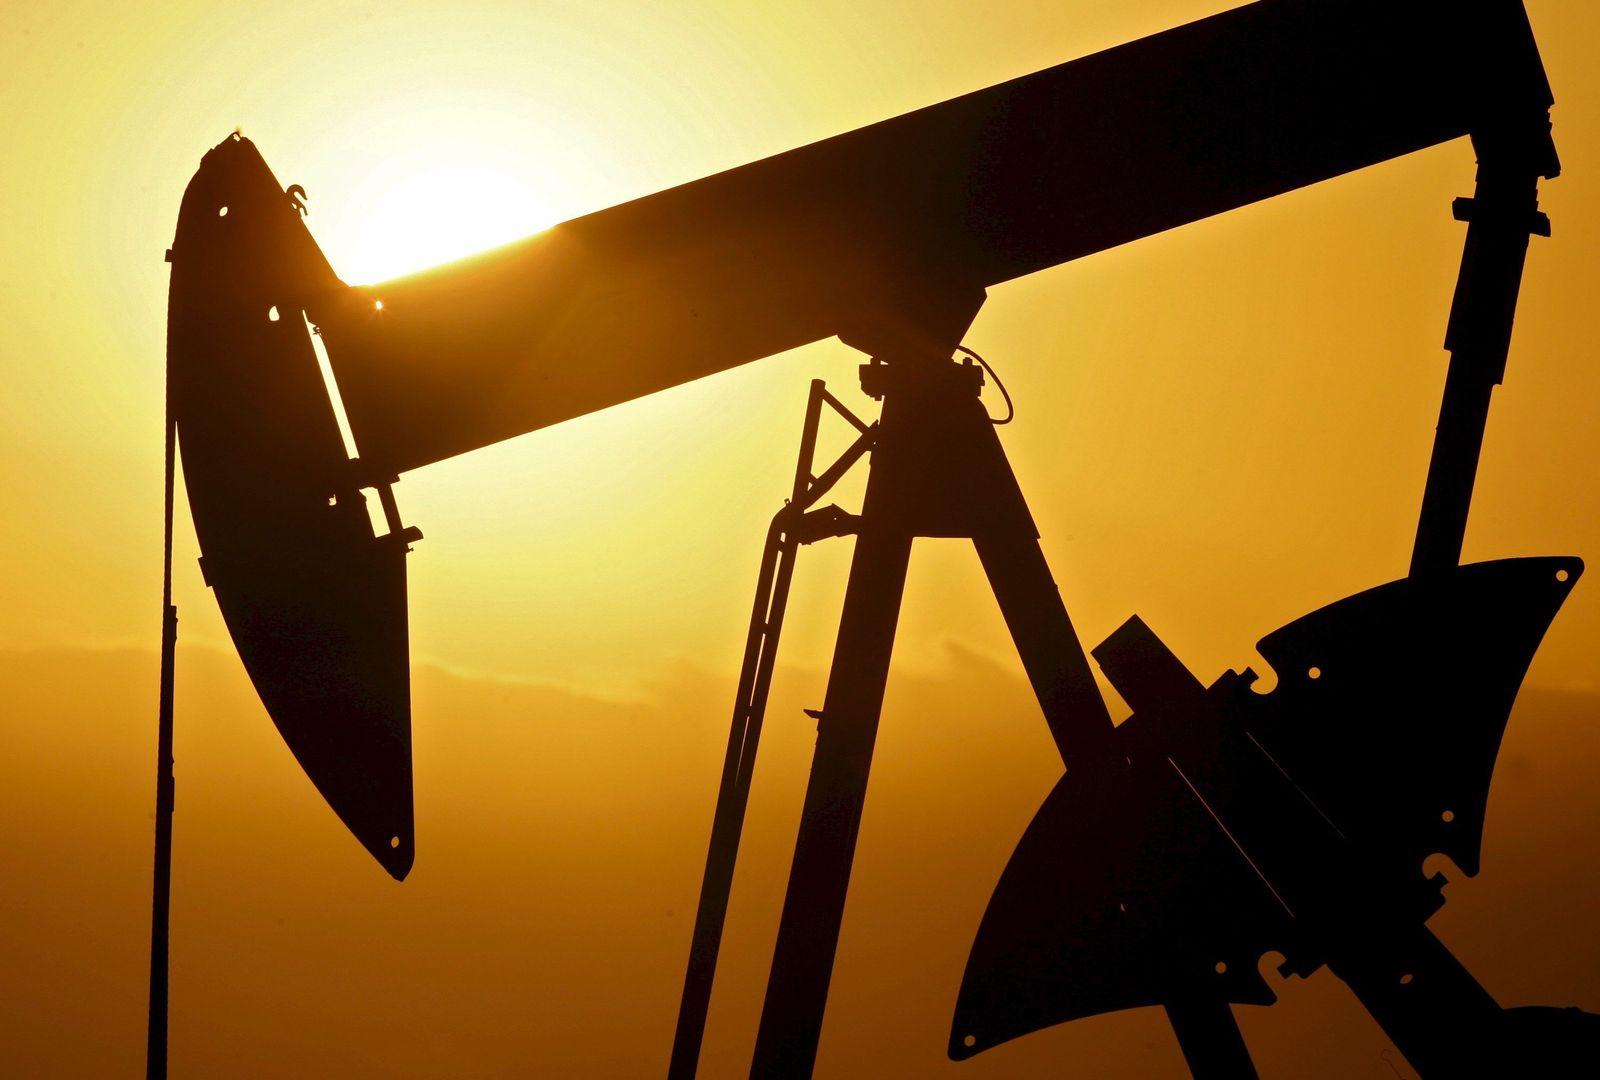 Ölpumpen / Öl / USA / Ölfeld